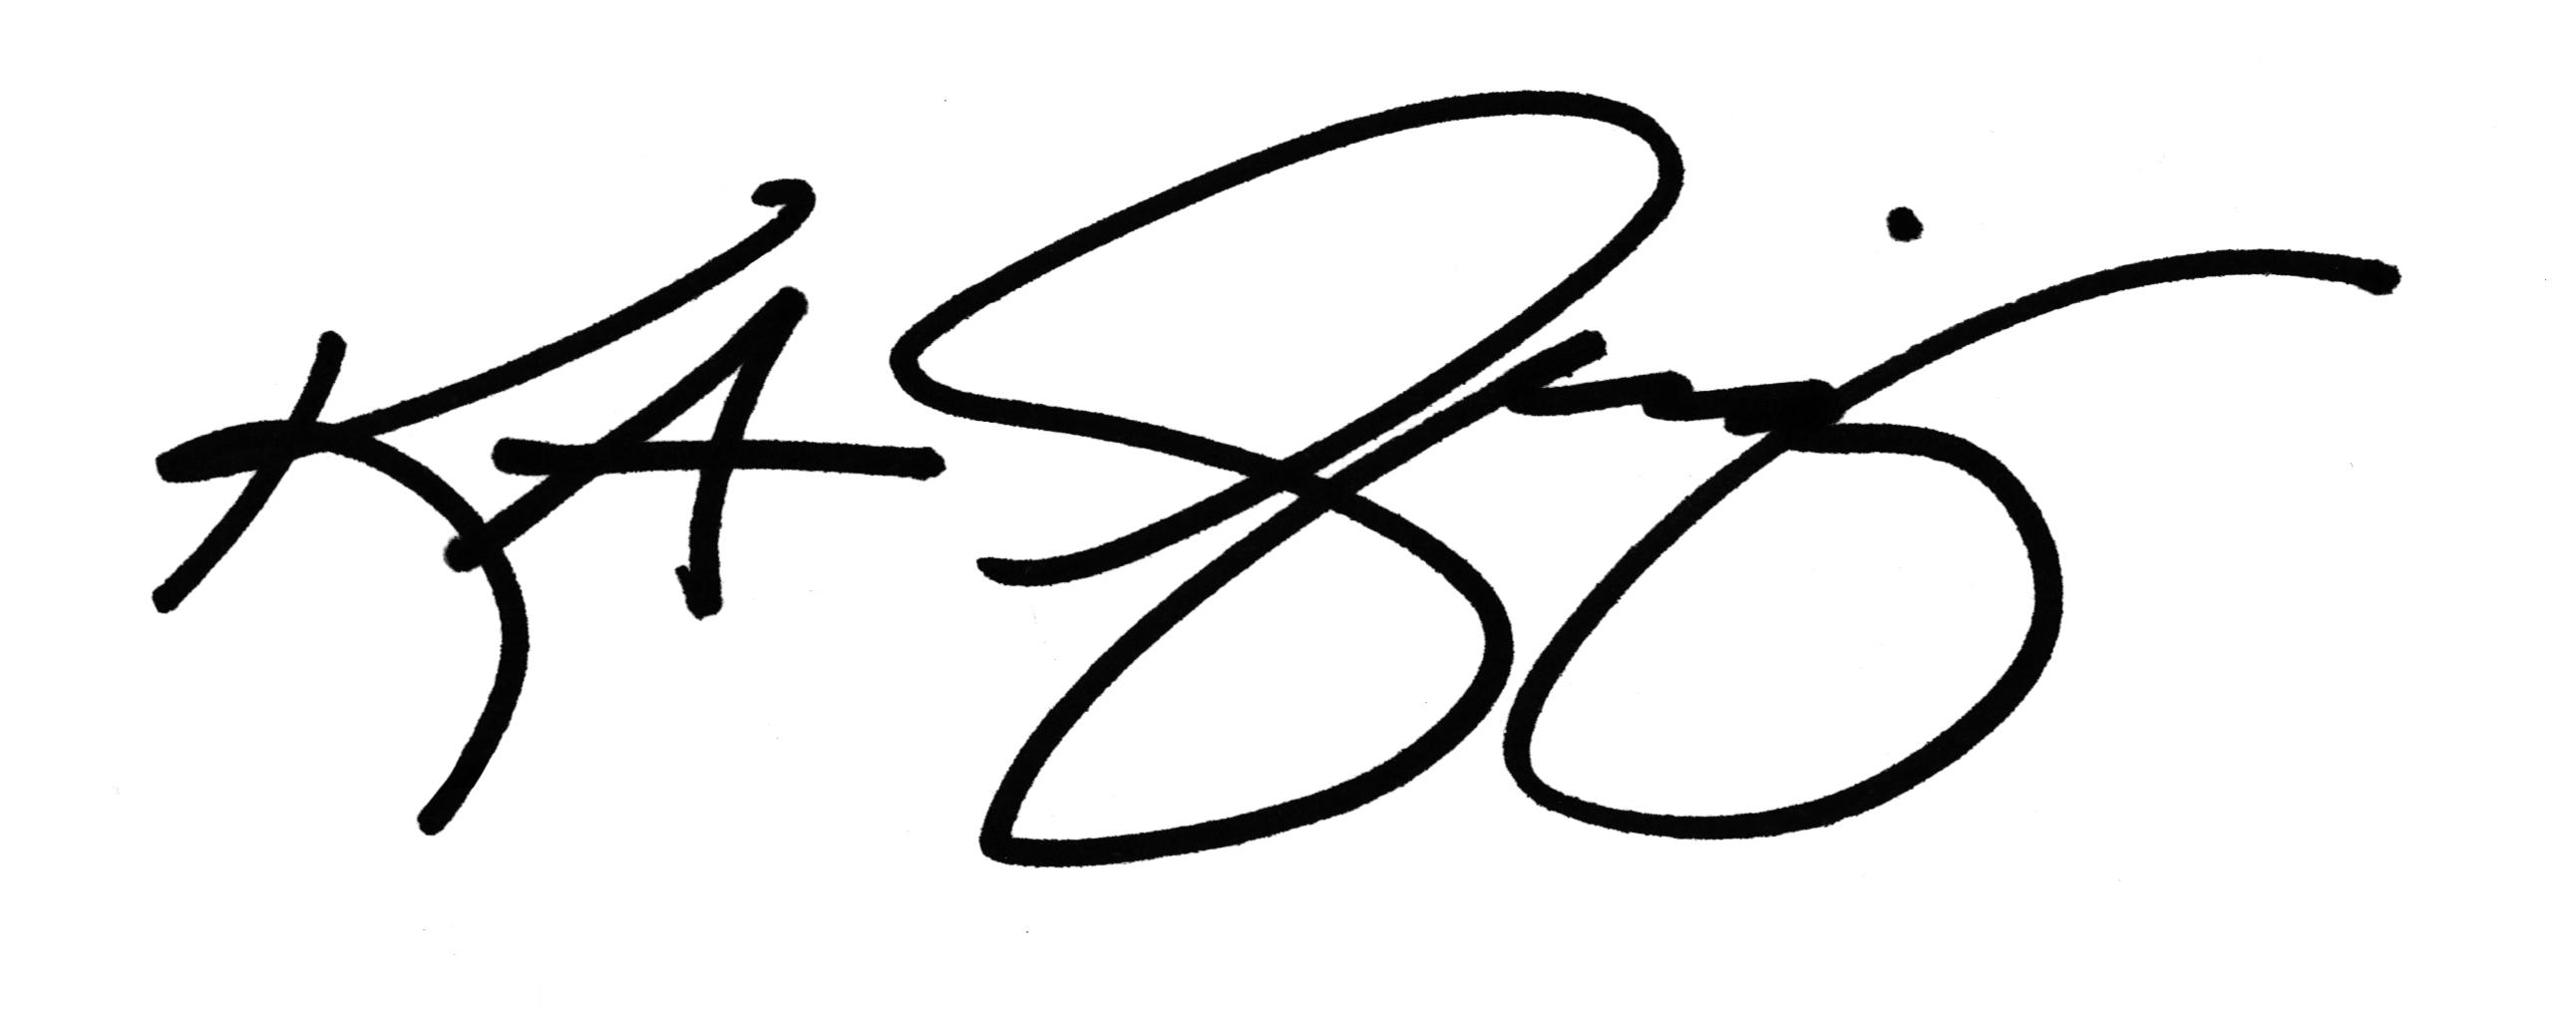 kristine a greenizen's Signature